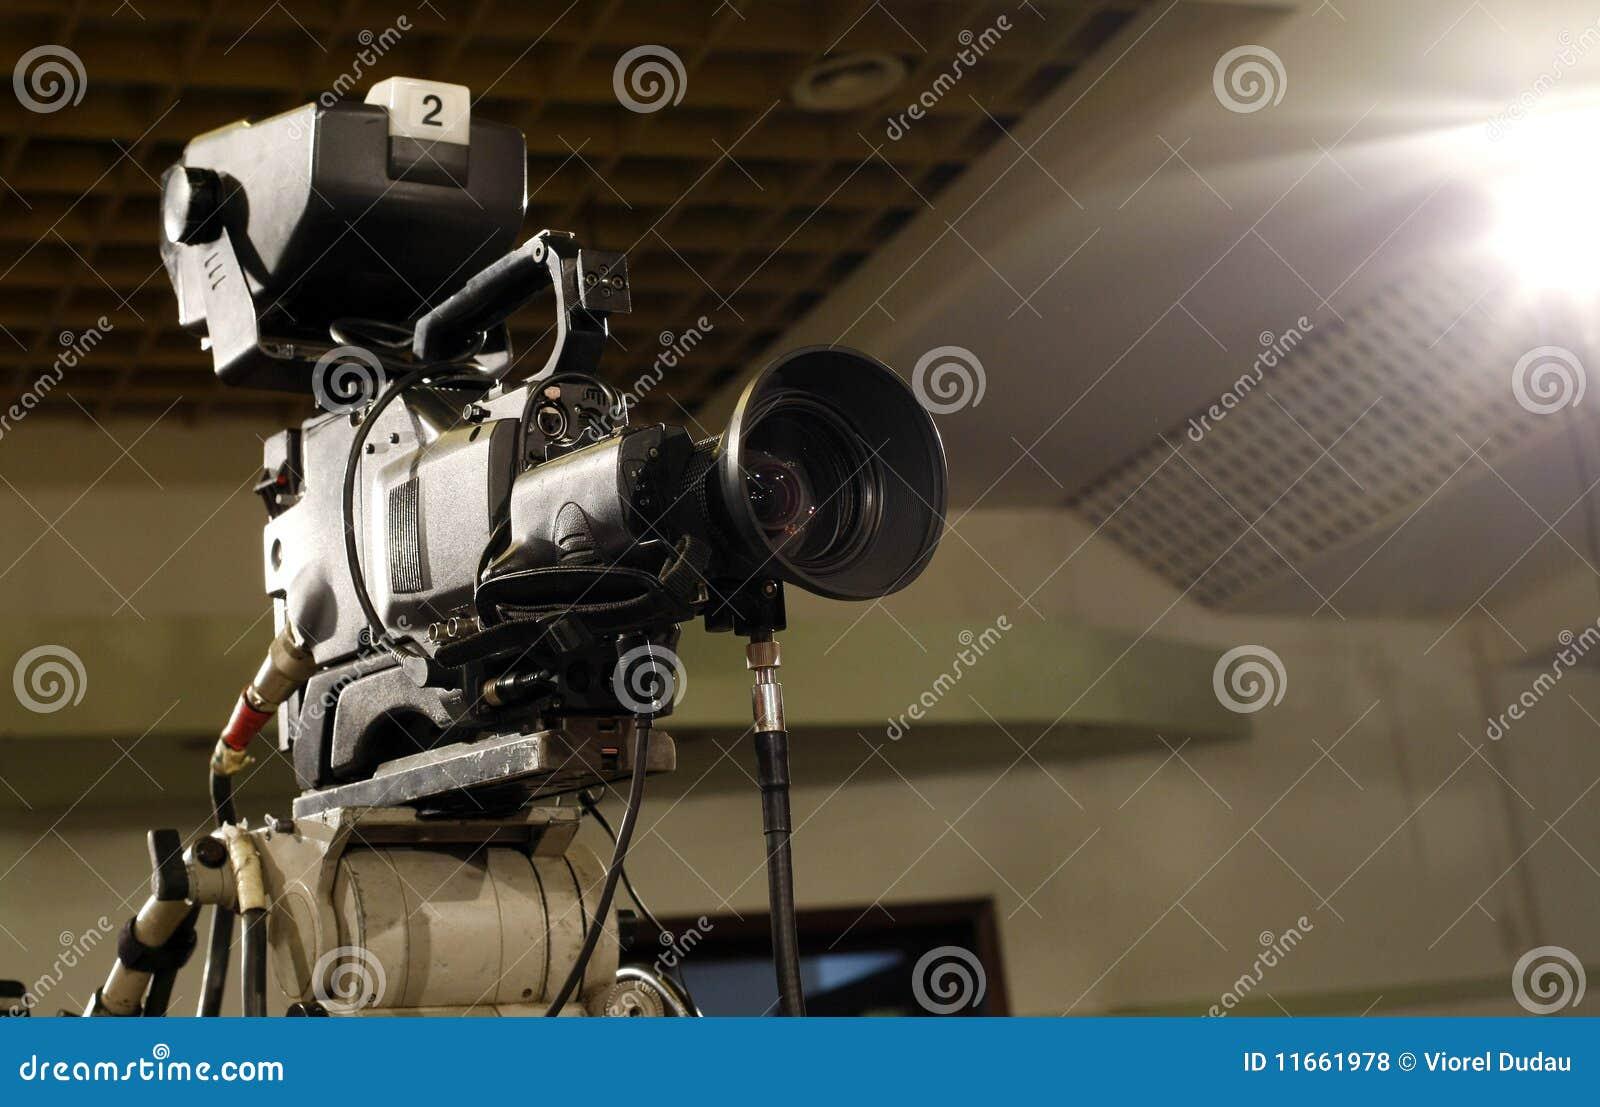 De camera van de televisie